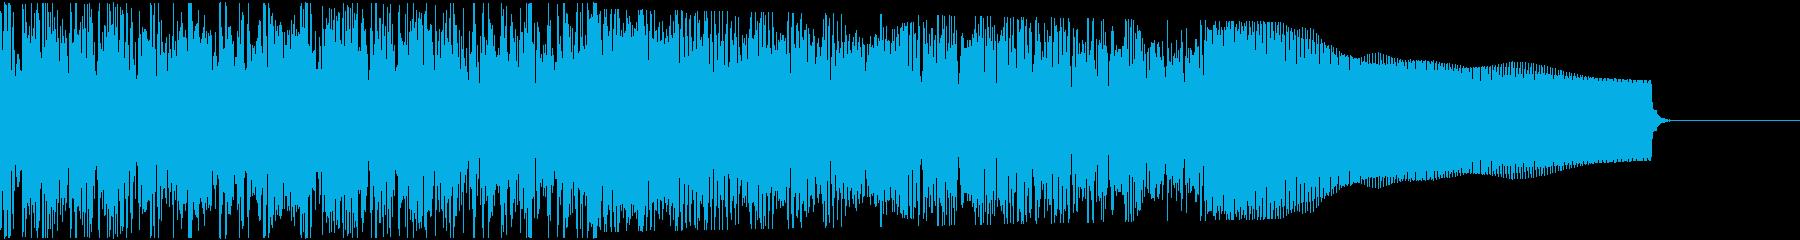 カントリー風ギターイントロ−06Gの再生済みの波形